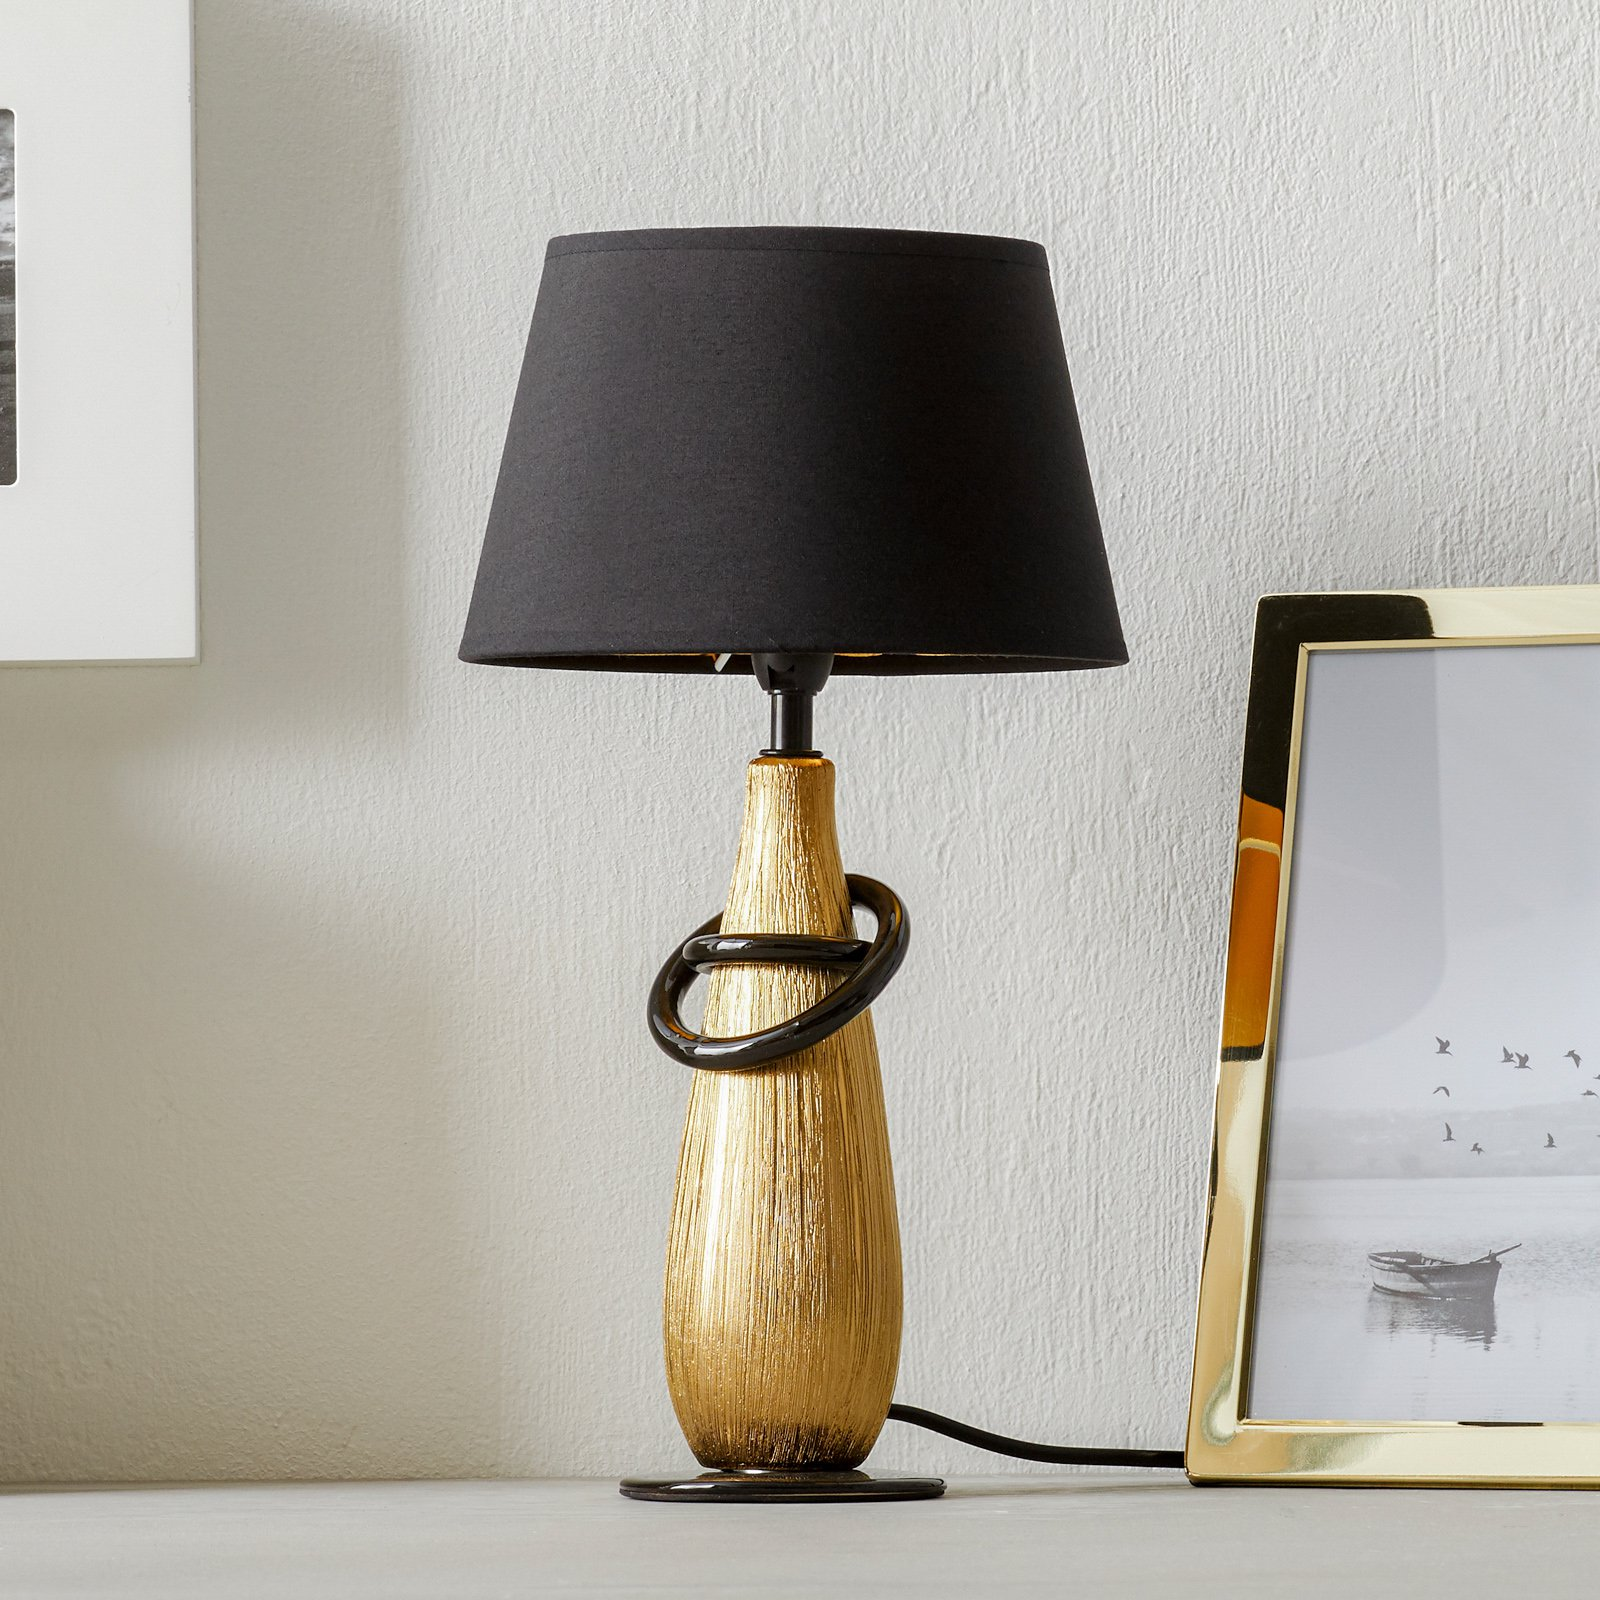 Moderne bordlampe Thebes i keramikk